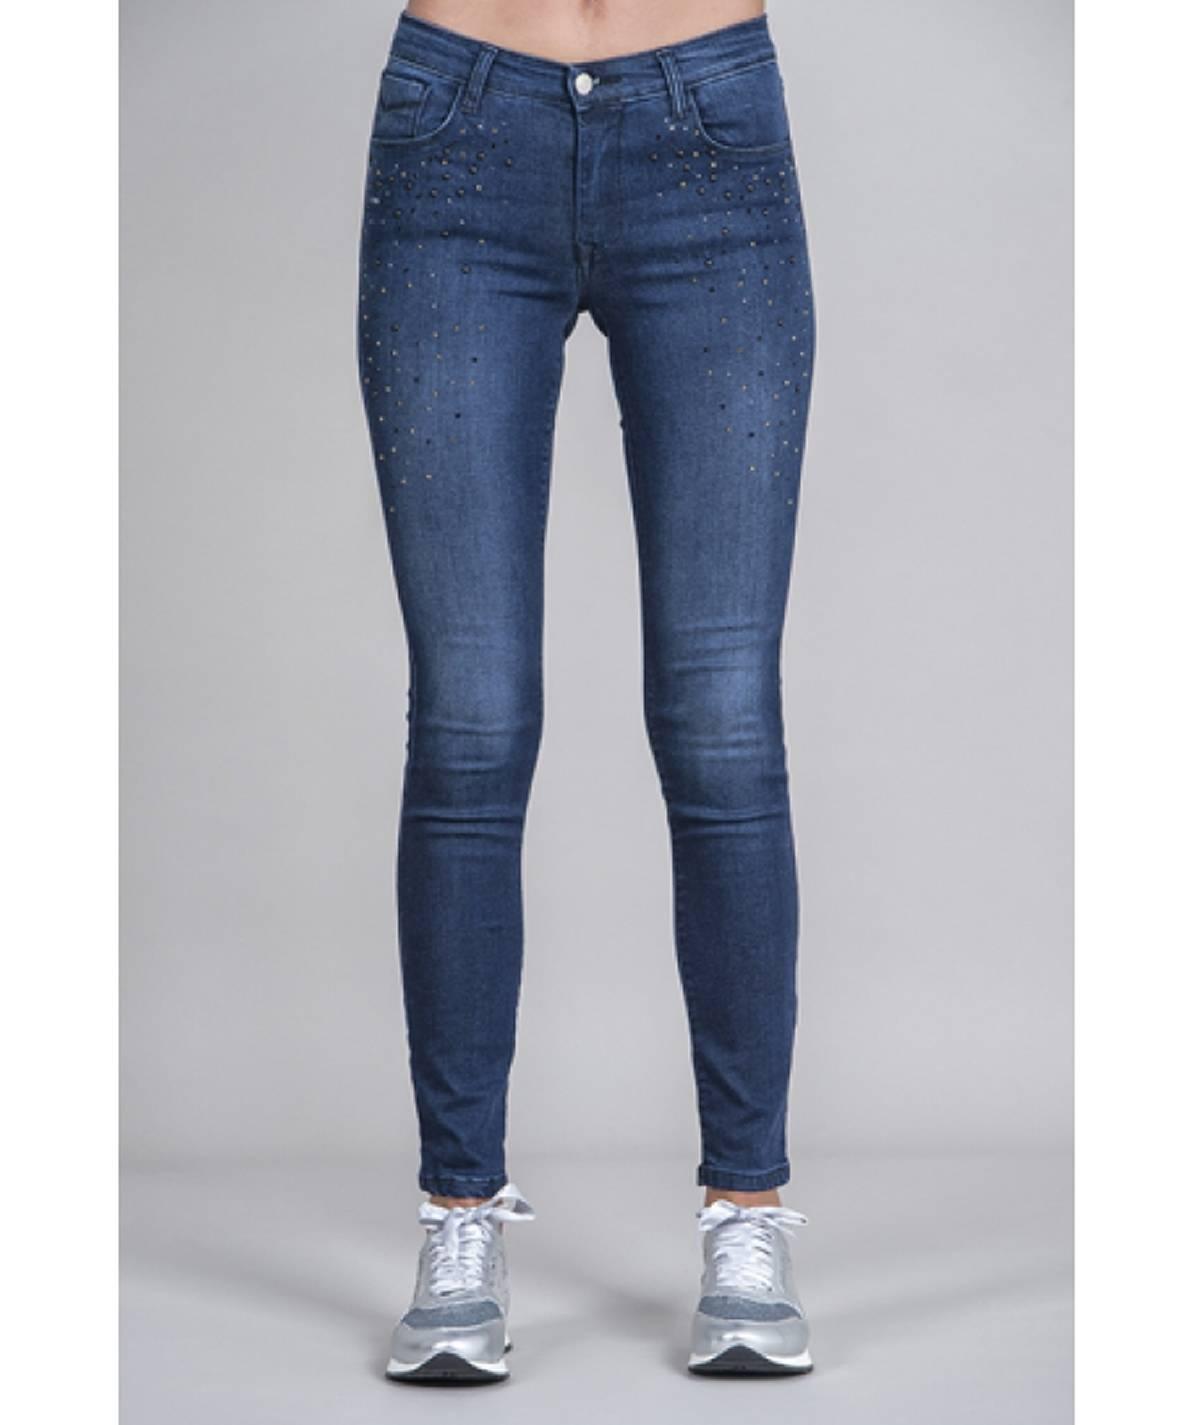 Jeans pedras brilhantes